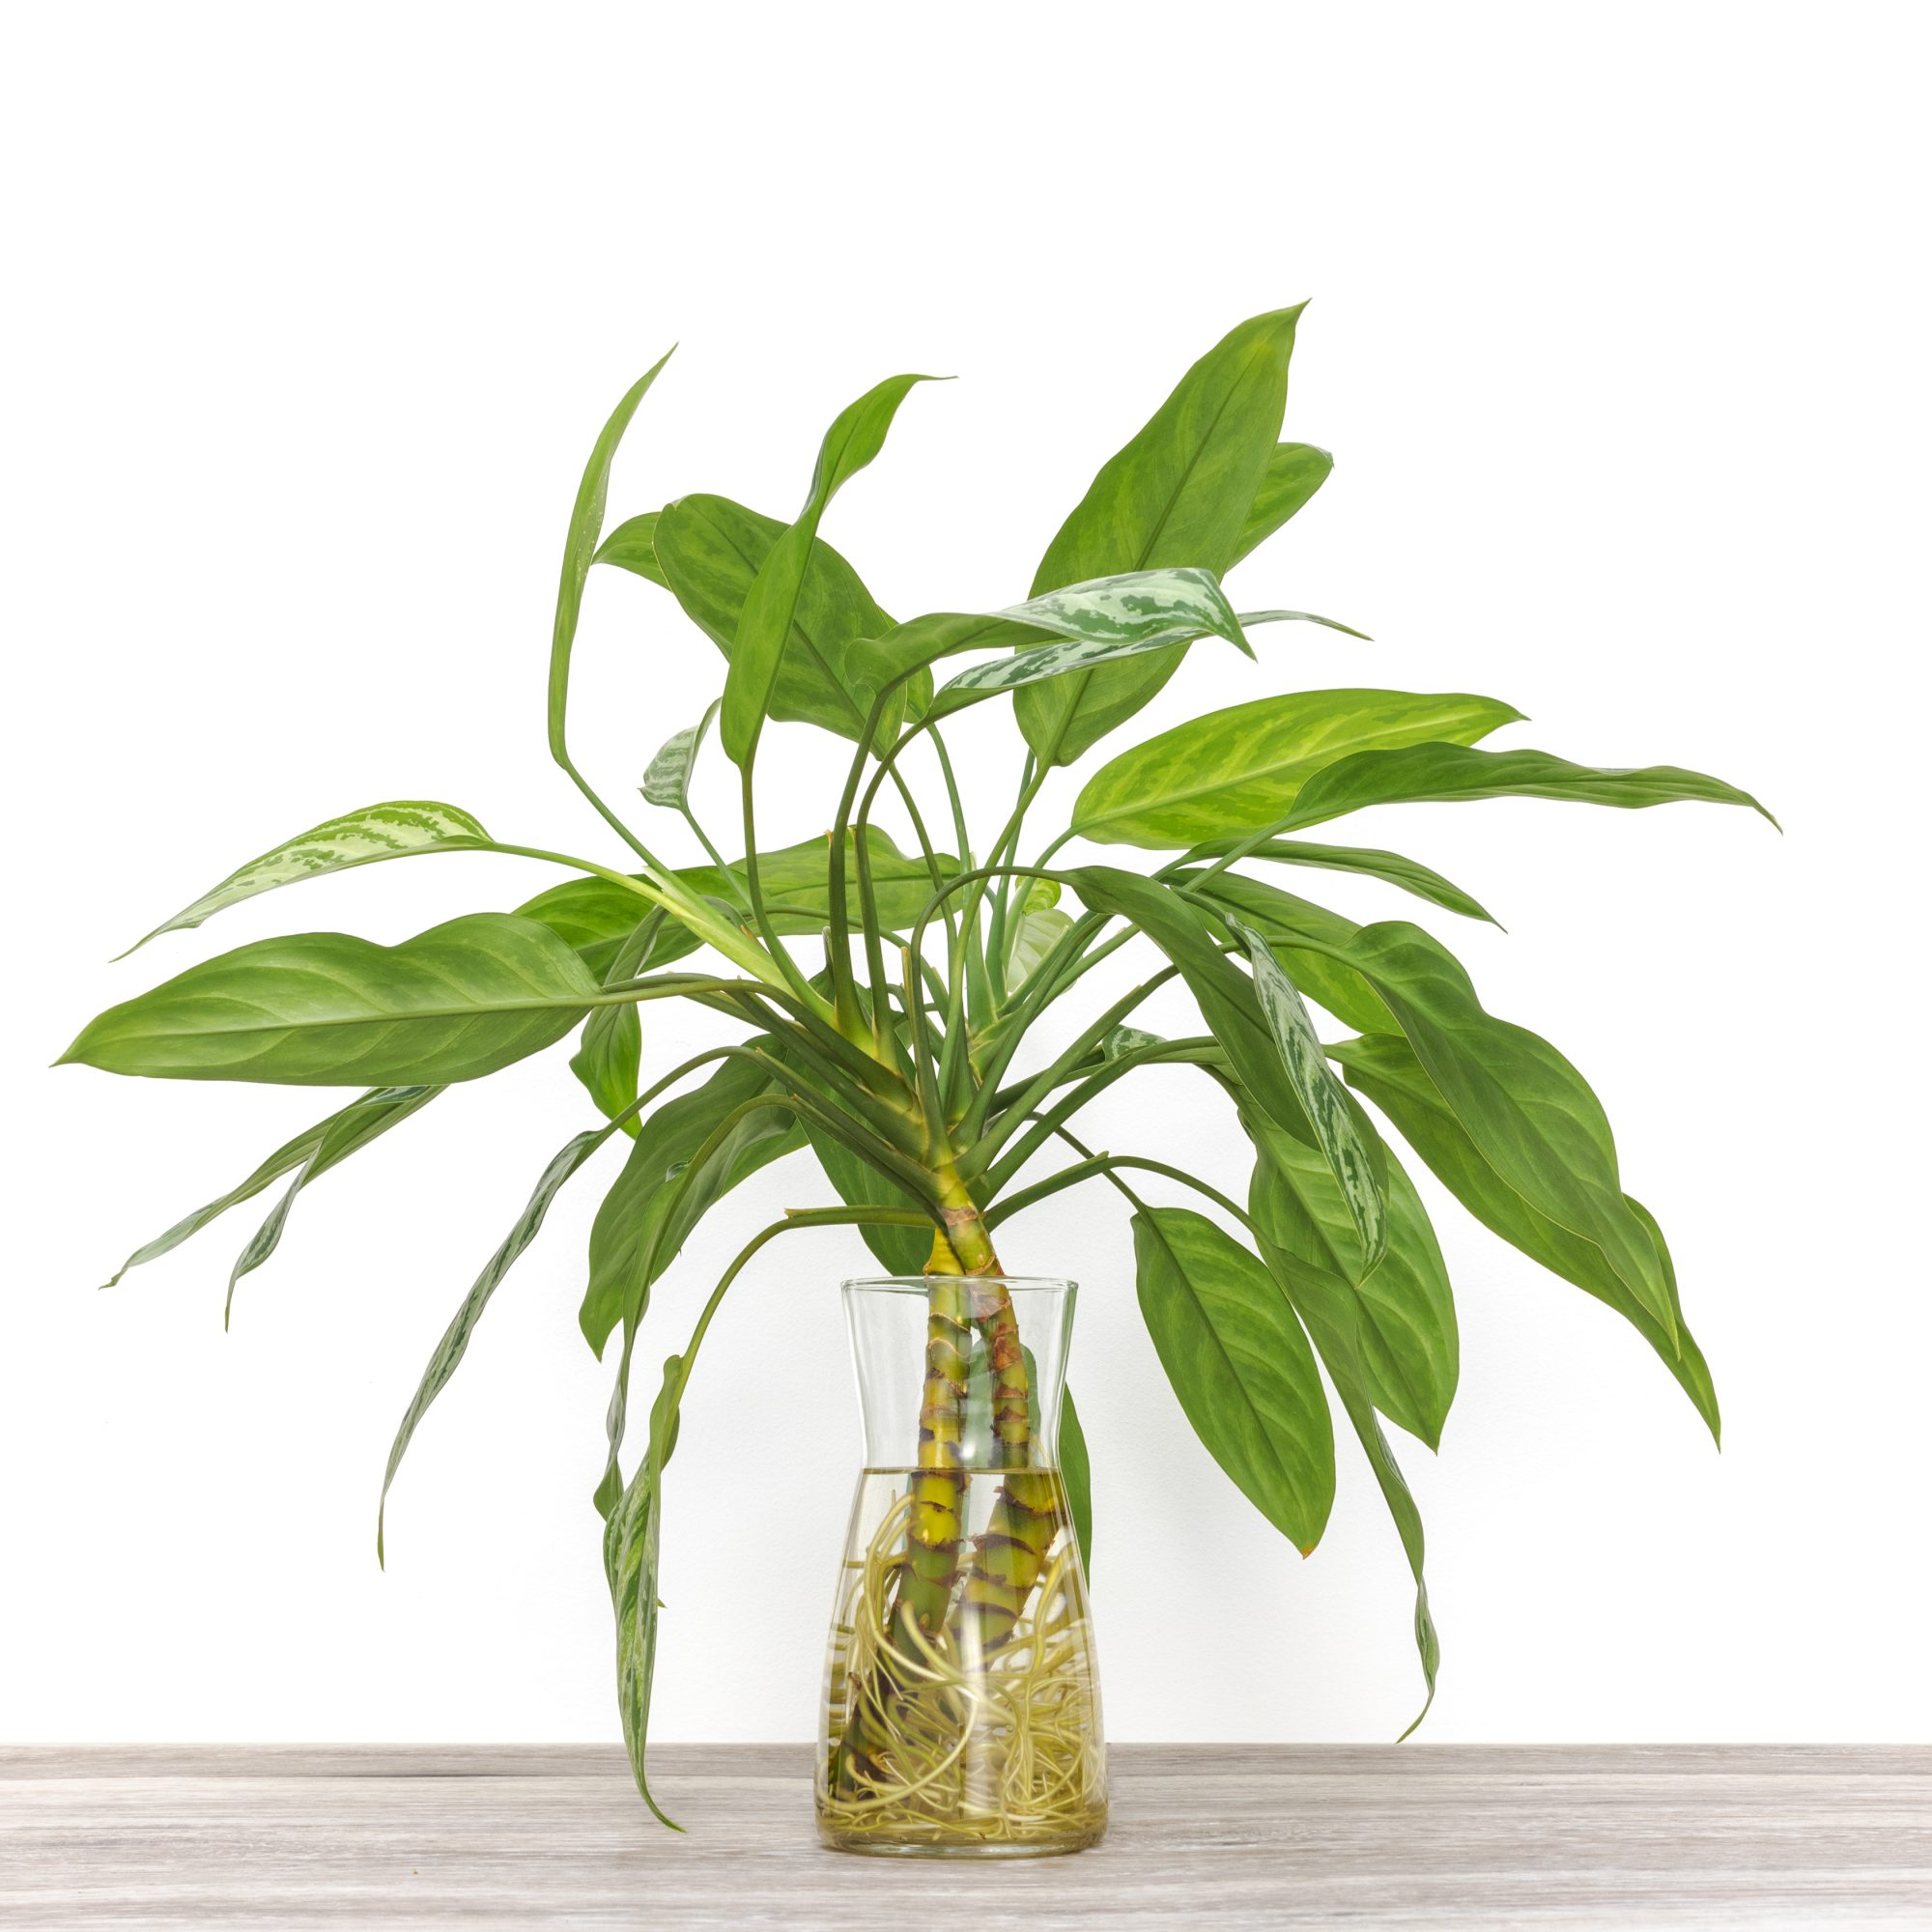 Tập hợp những loại cây trồng trong nhà được NASA gợi ý để cải thiện sức khỏe - Ảnh 4.